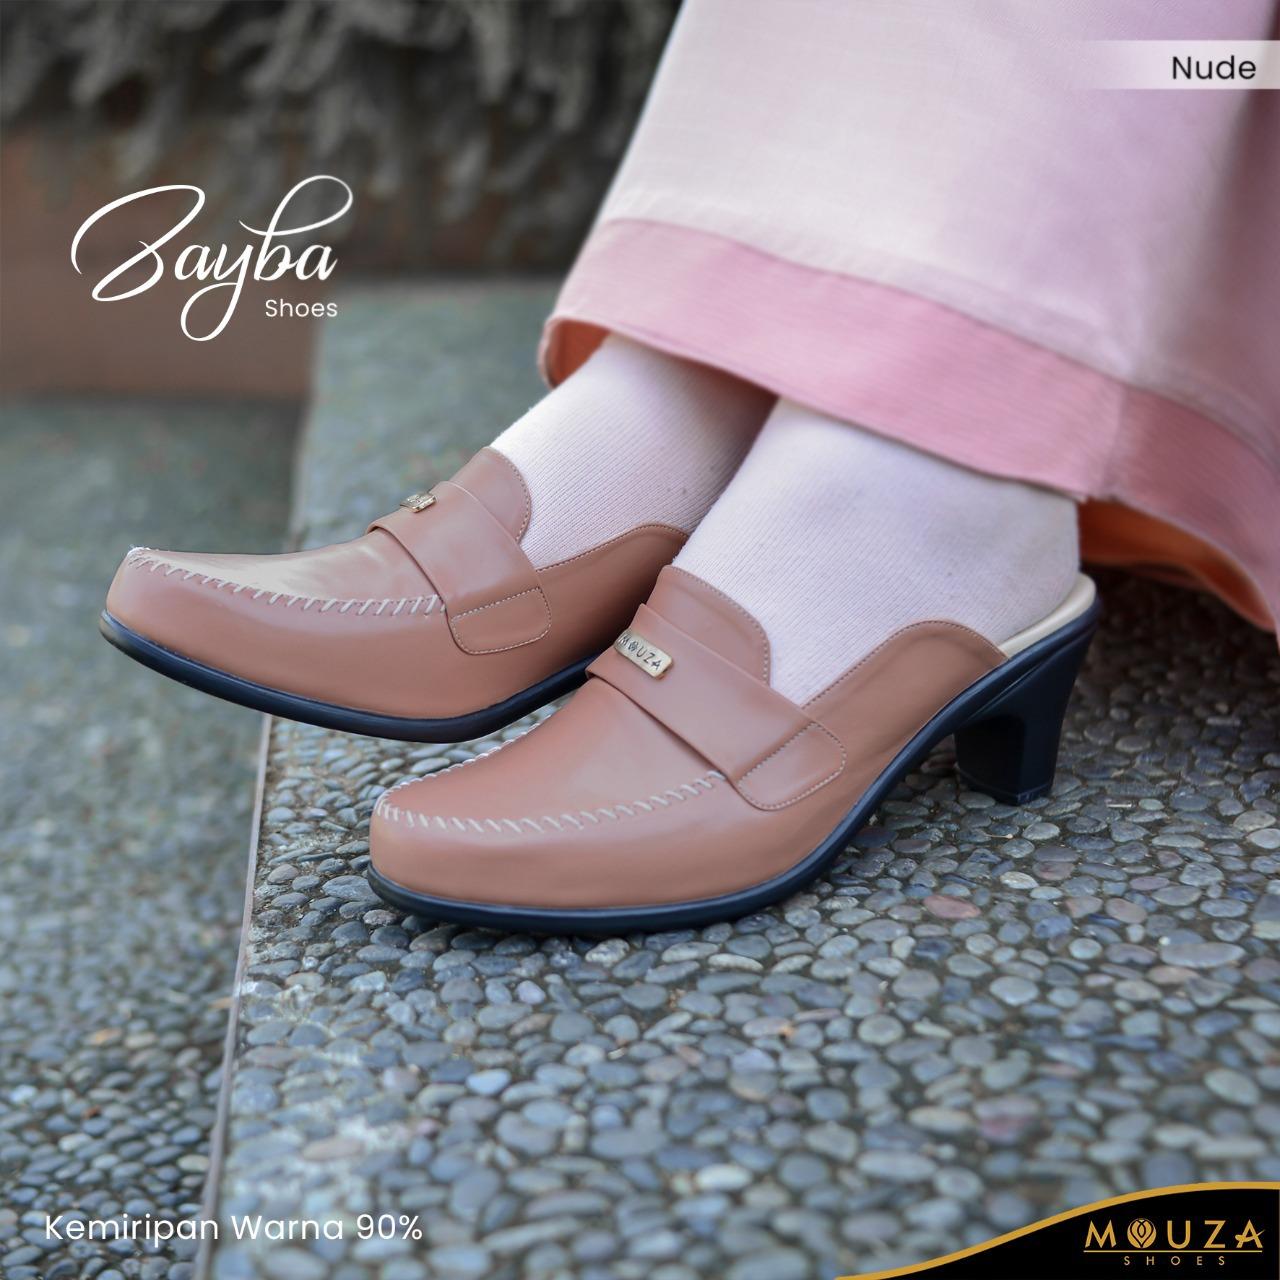 Zayba Shoes